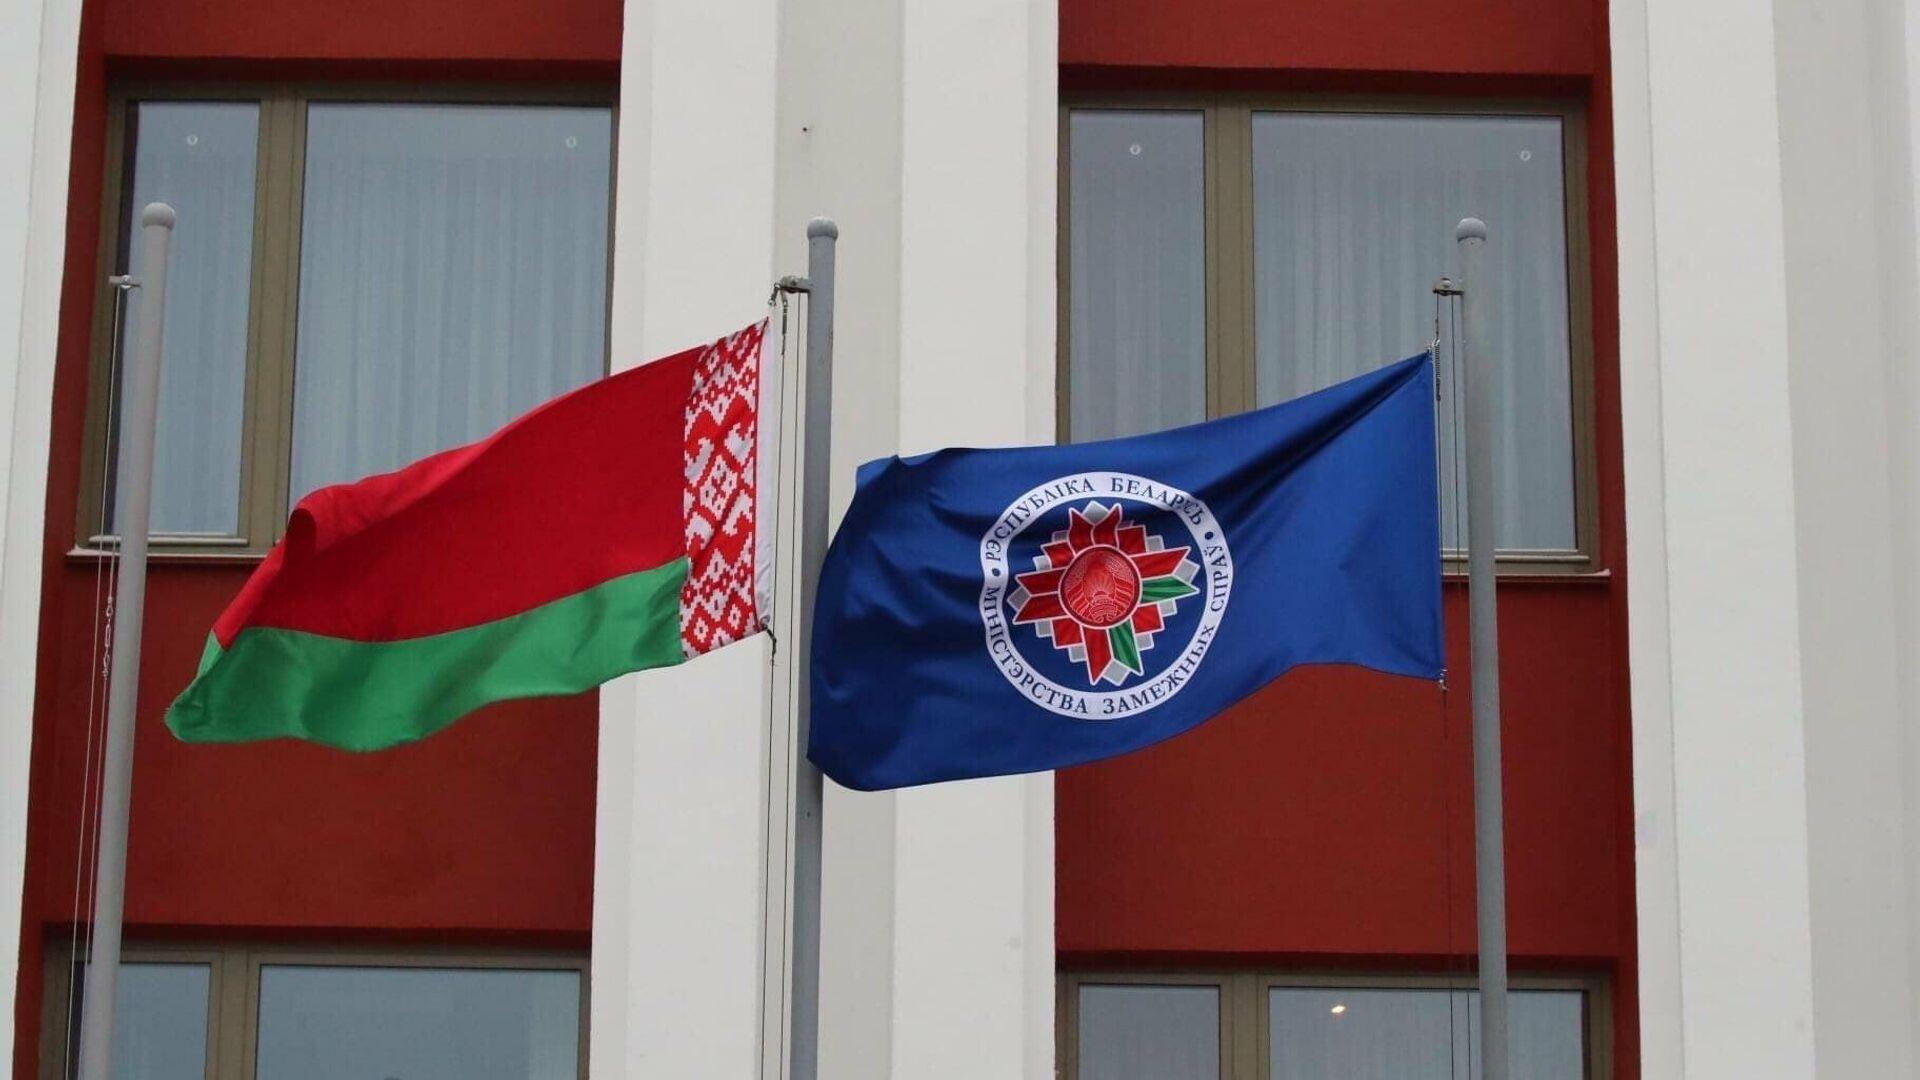 Посольство Беларуси в Бельгии приостановило работу из-за поджога - Sputnik Беларусь, 1920, 01.10.2021